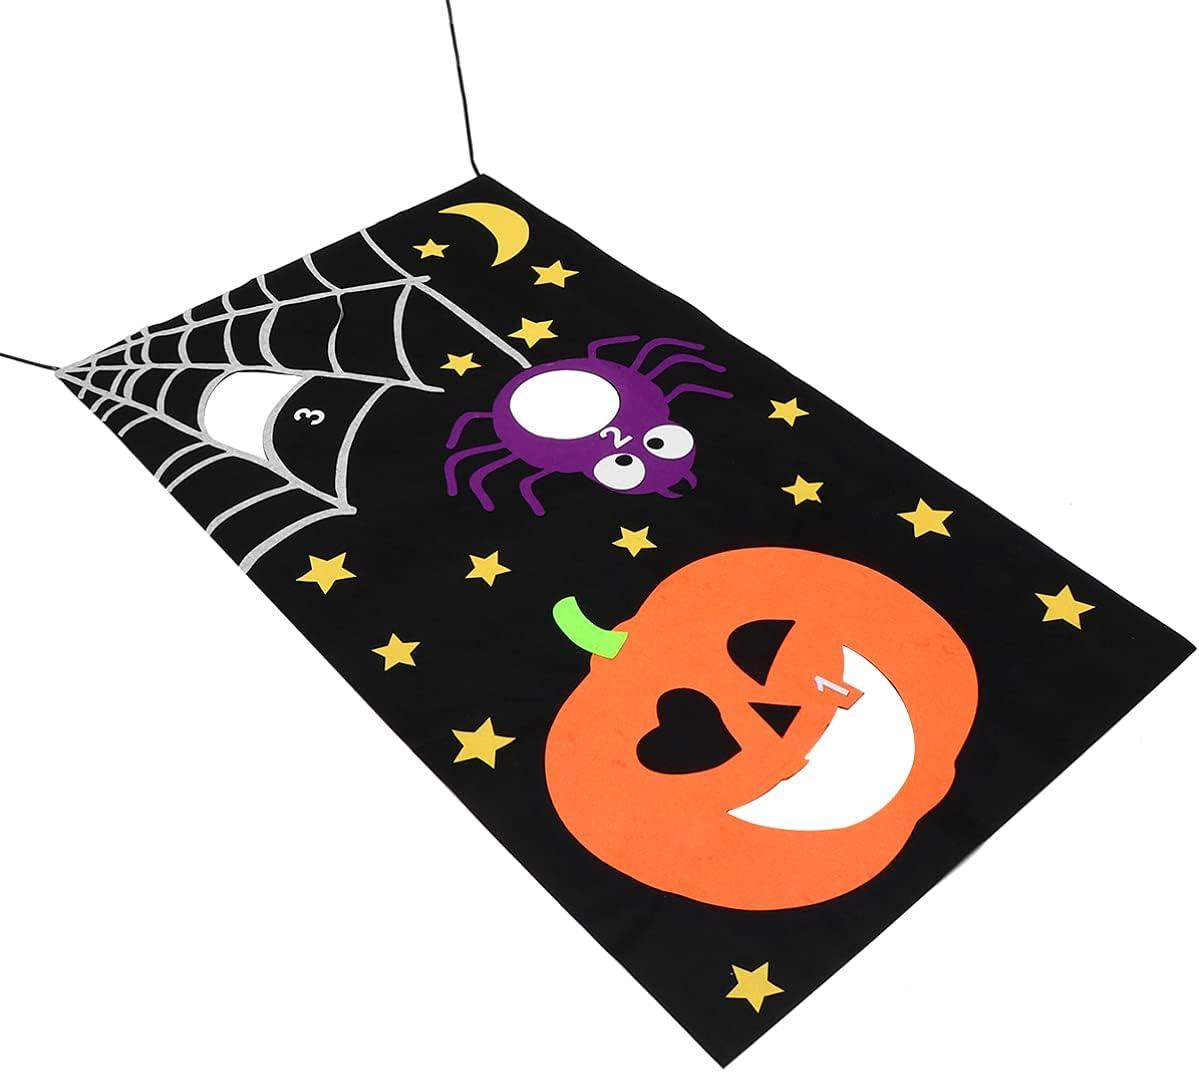 EXCEART Toss Super intense SALE Banner Bean Bag Theme 5 ☆ popular Game Bann Halloween 1Pcs